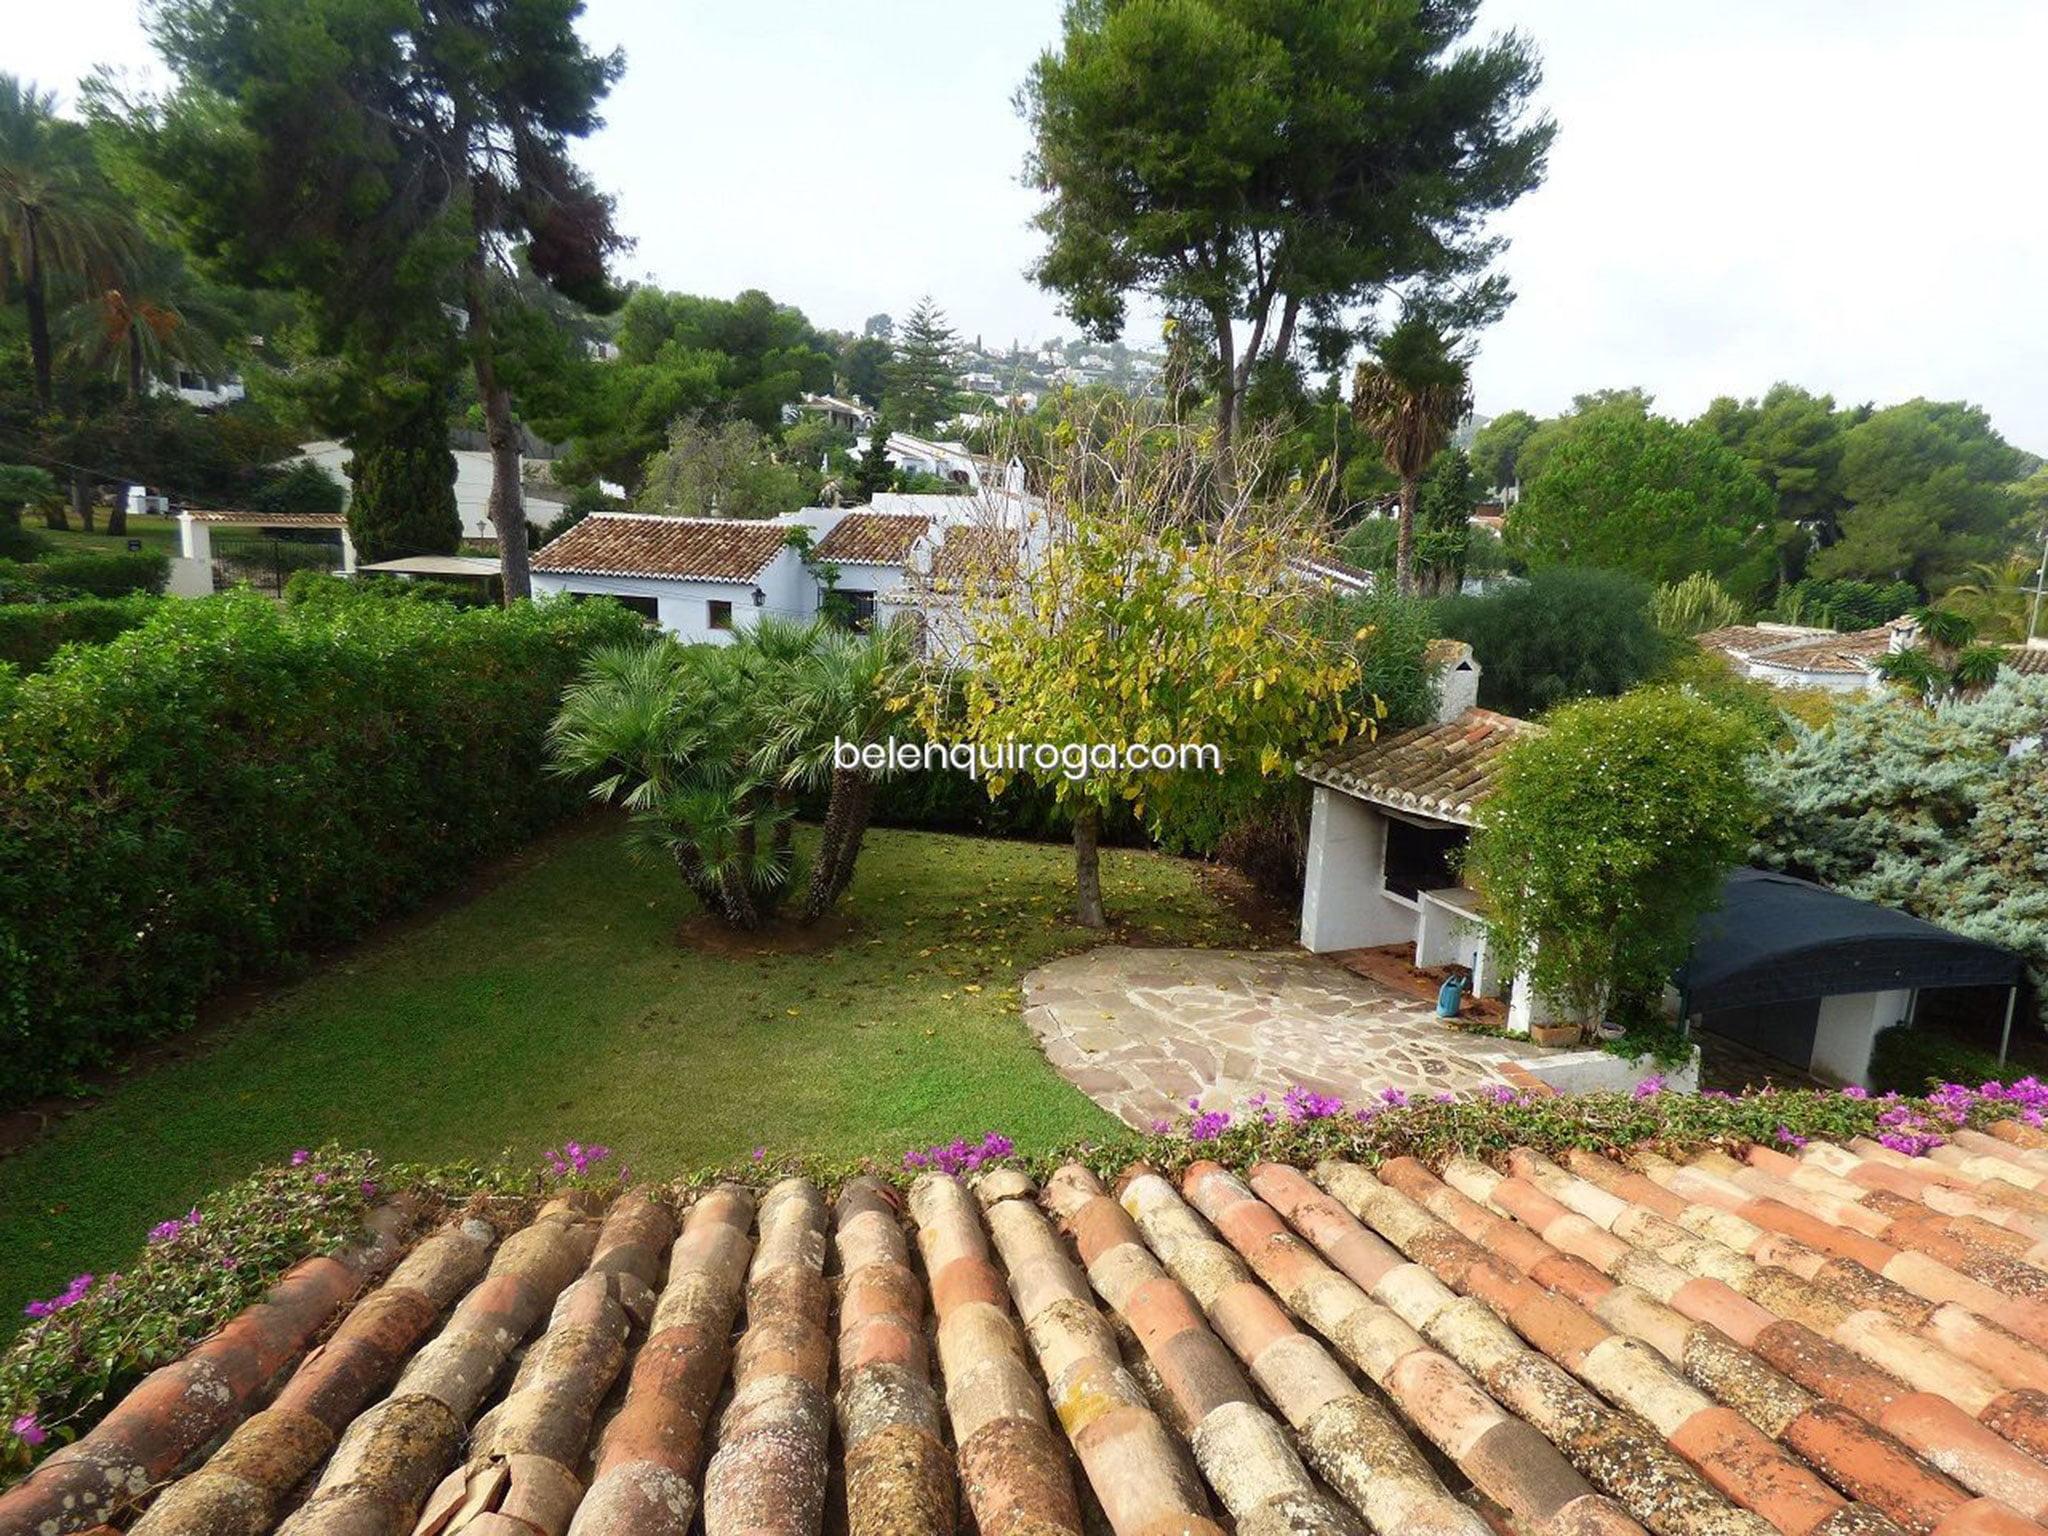 Vista del jardín privado de un chalet en venta en Jávea – Inmobiliaria Belen Quiroga